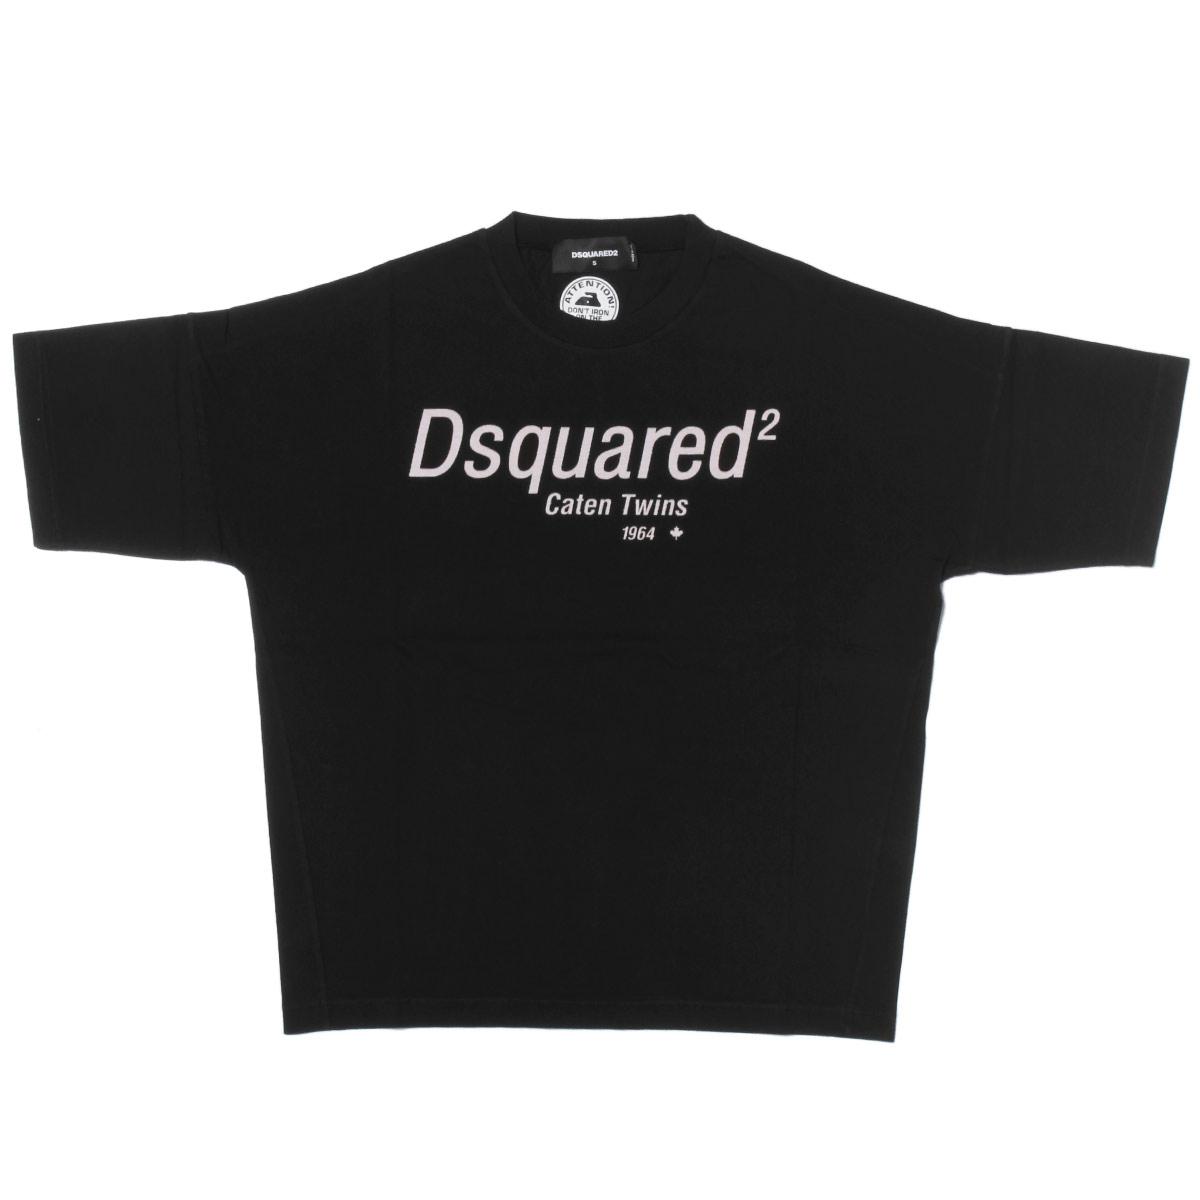 ディースクエアード DSQUARED 2 Tシャツ レディース S72GD0072 S22427 900 半袖Tシャツ BLACK ブラック